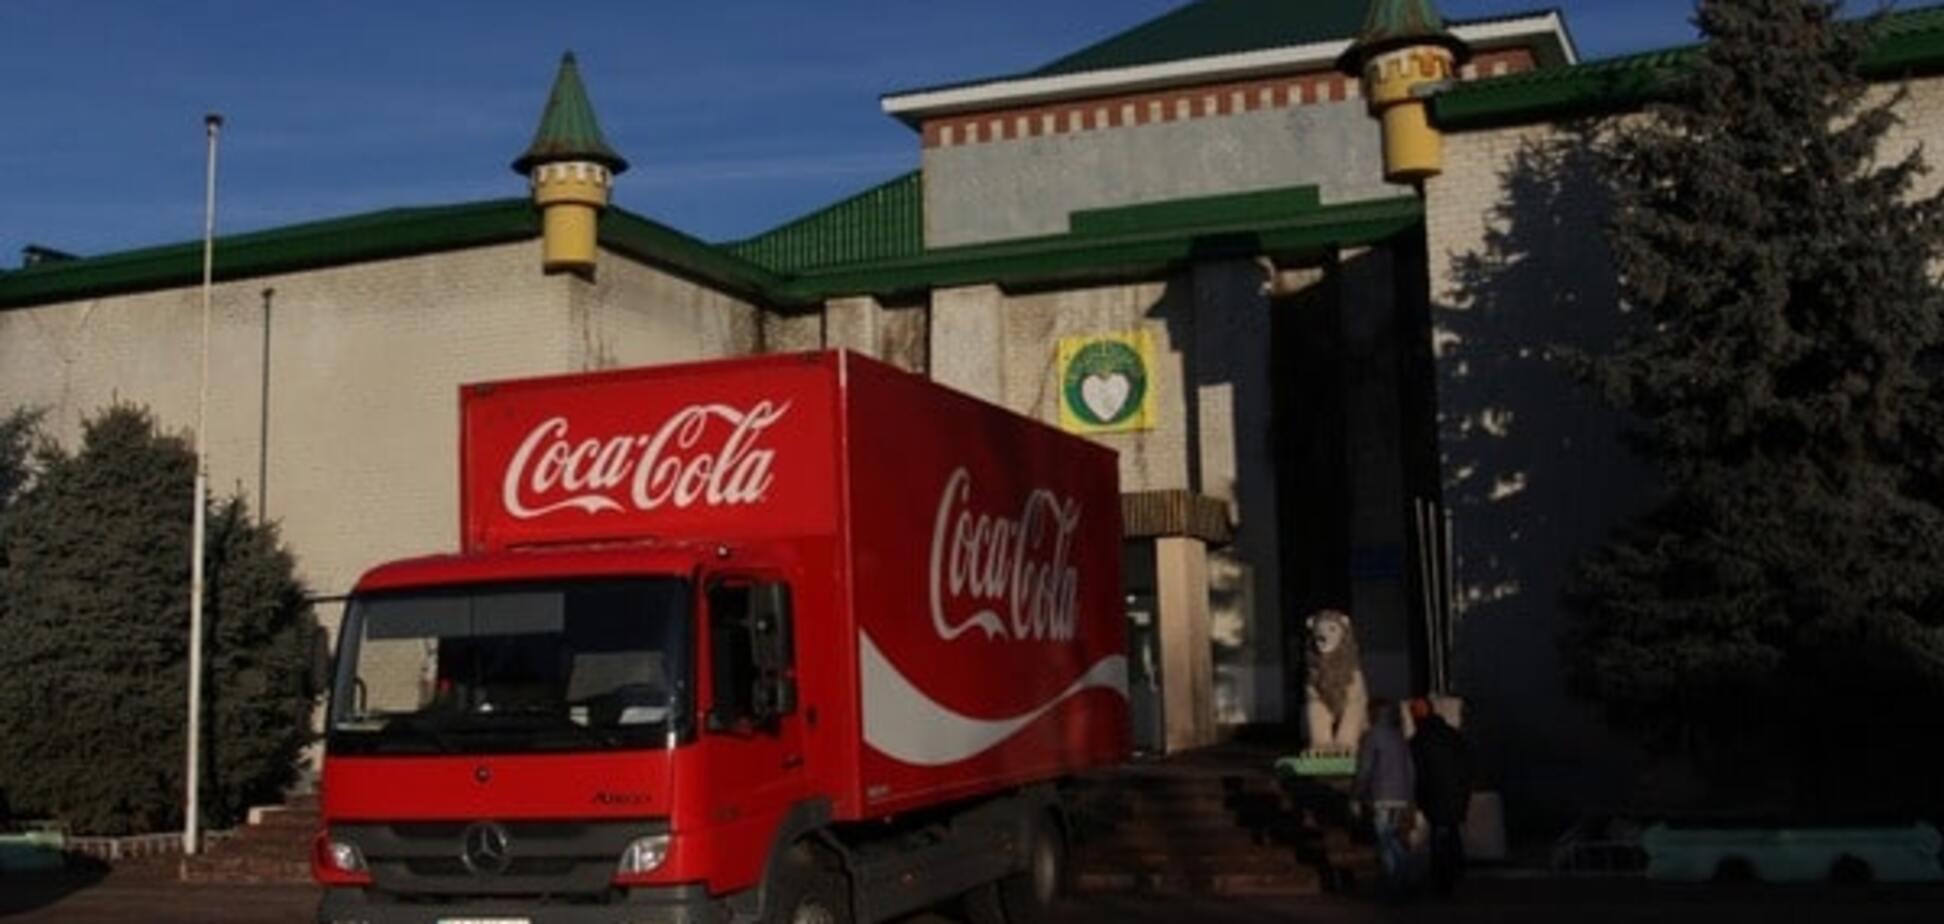 Волонтери за допомогою Coca-Cola розкрили розкрадання палива Міністерством оборони - блогер